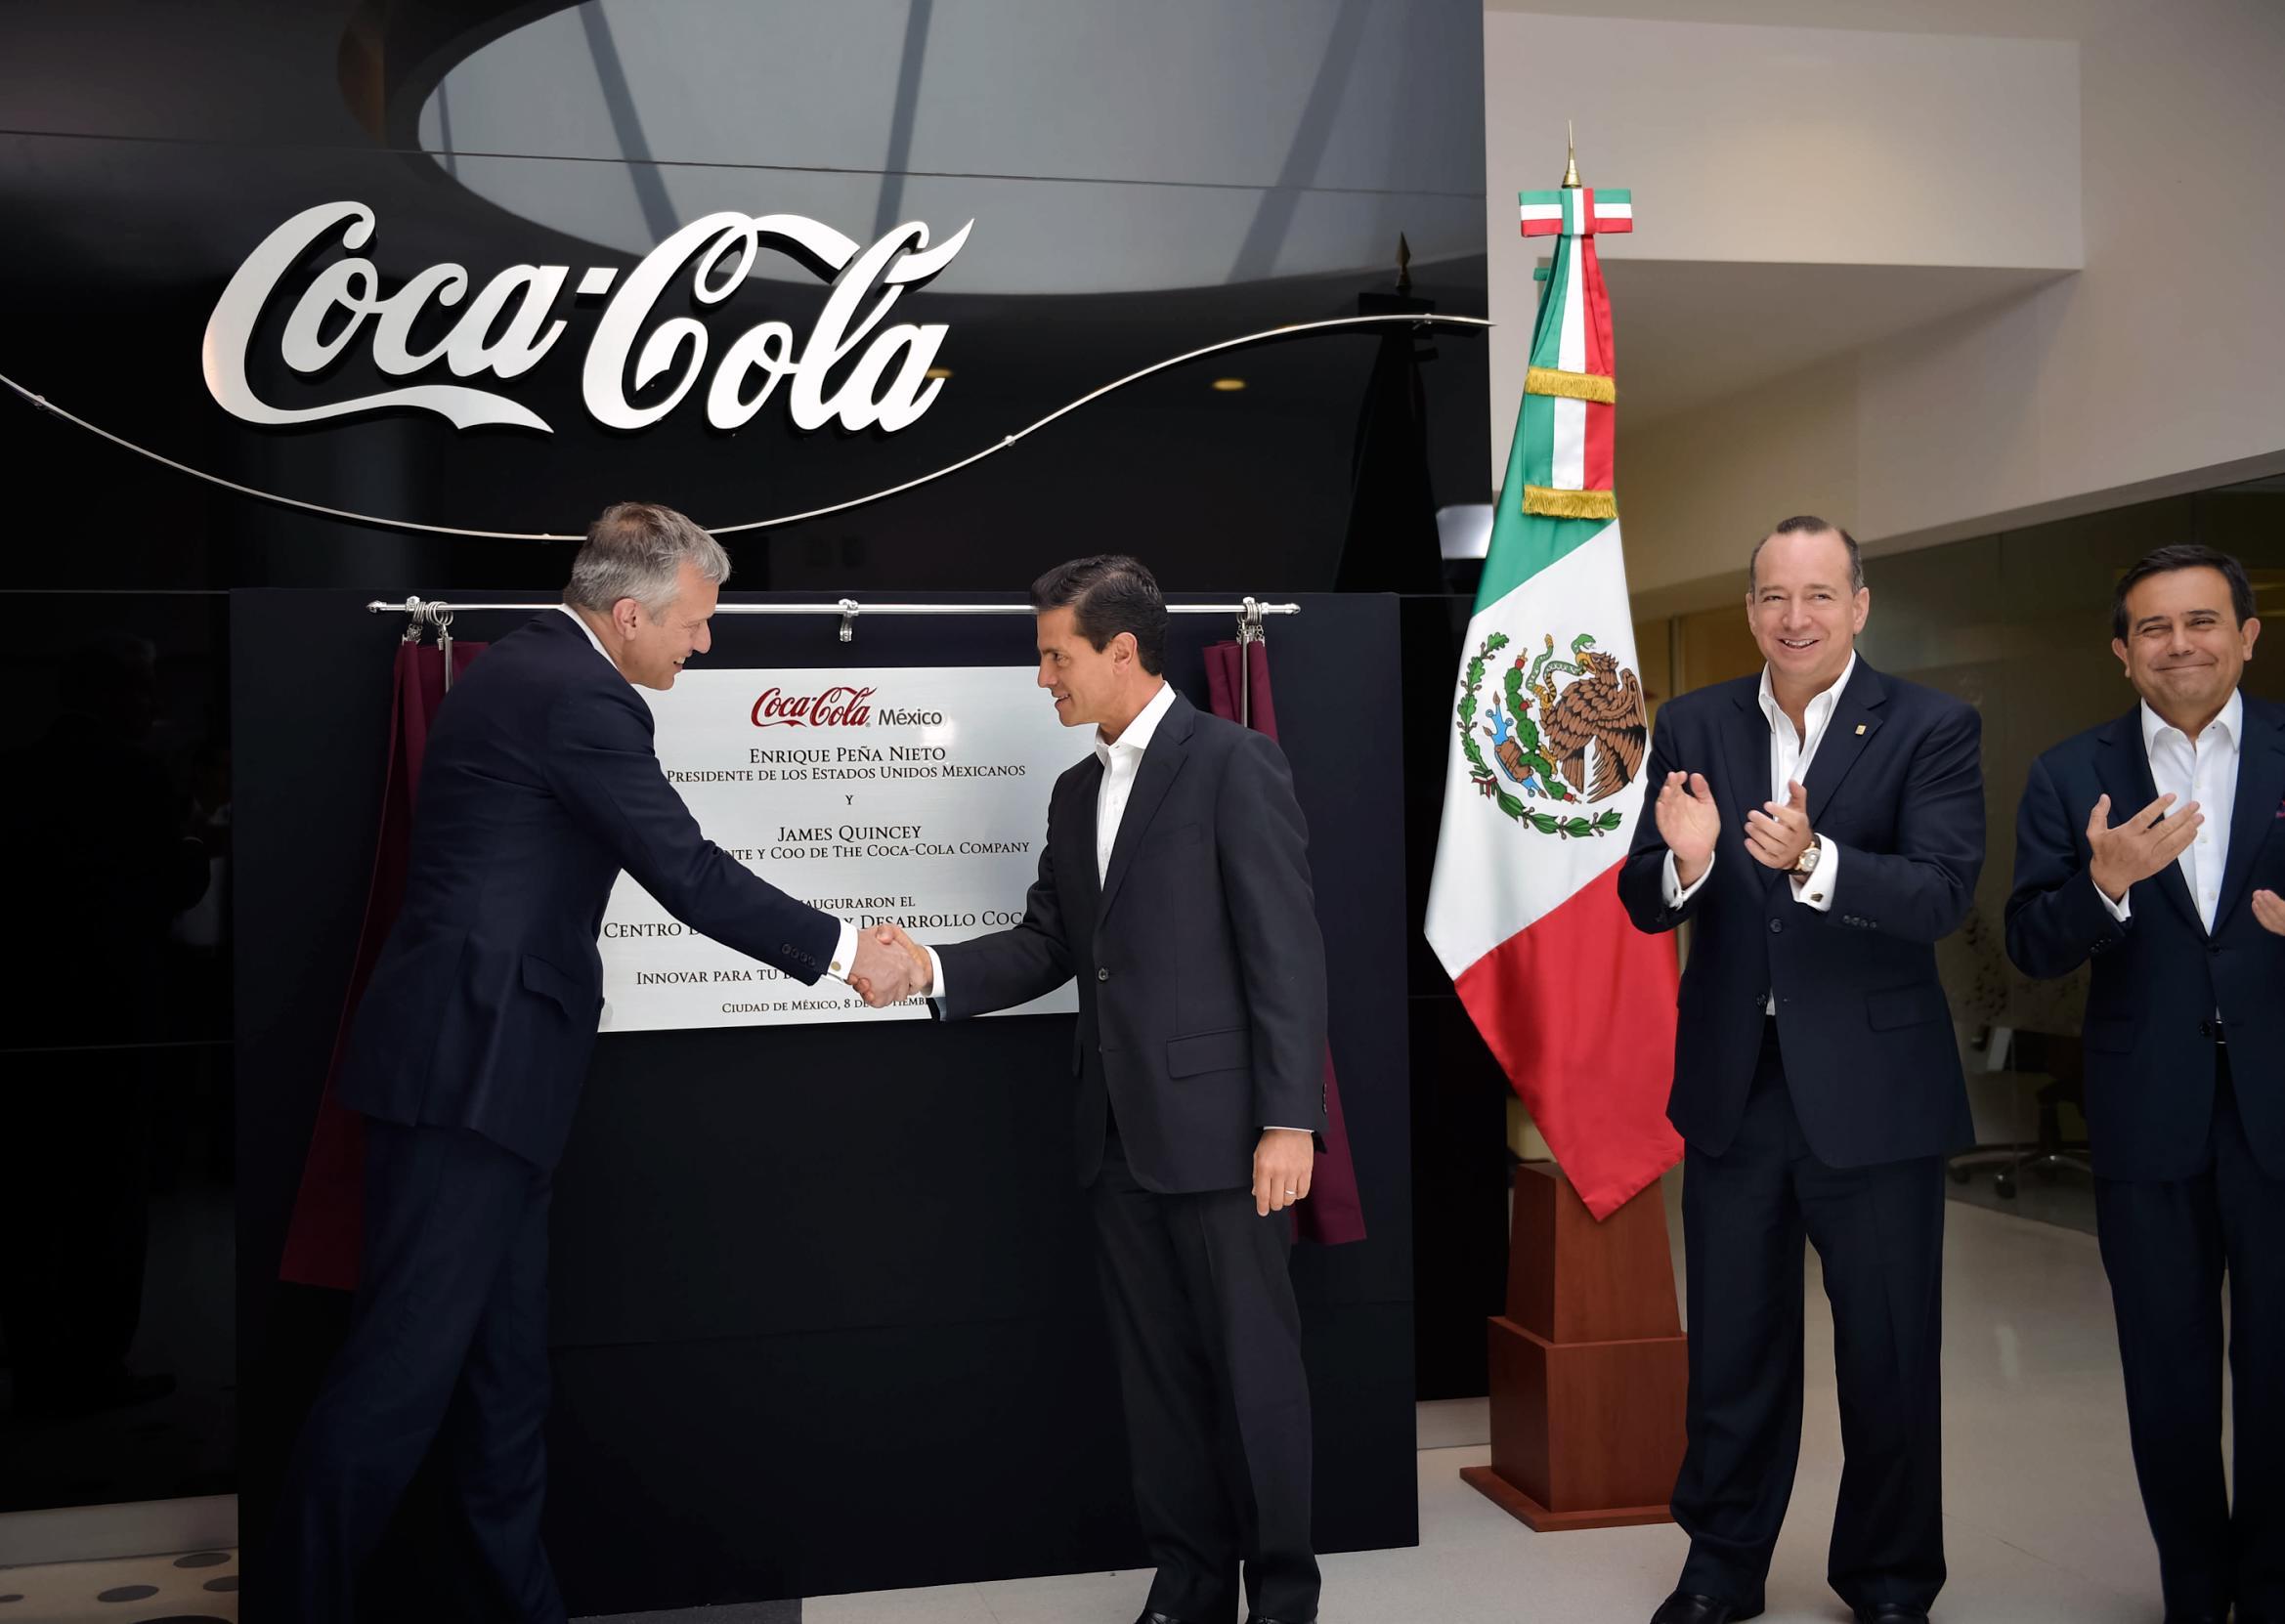 El Primer Mandatario inauguró el Centro de Innovación y Desarrollo de la empresa Coca Cola.